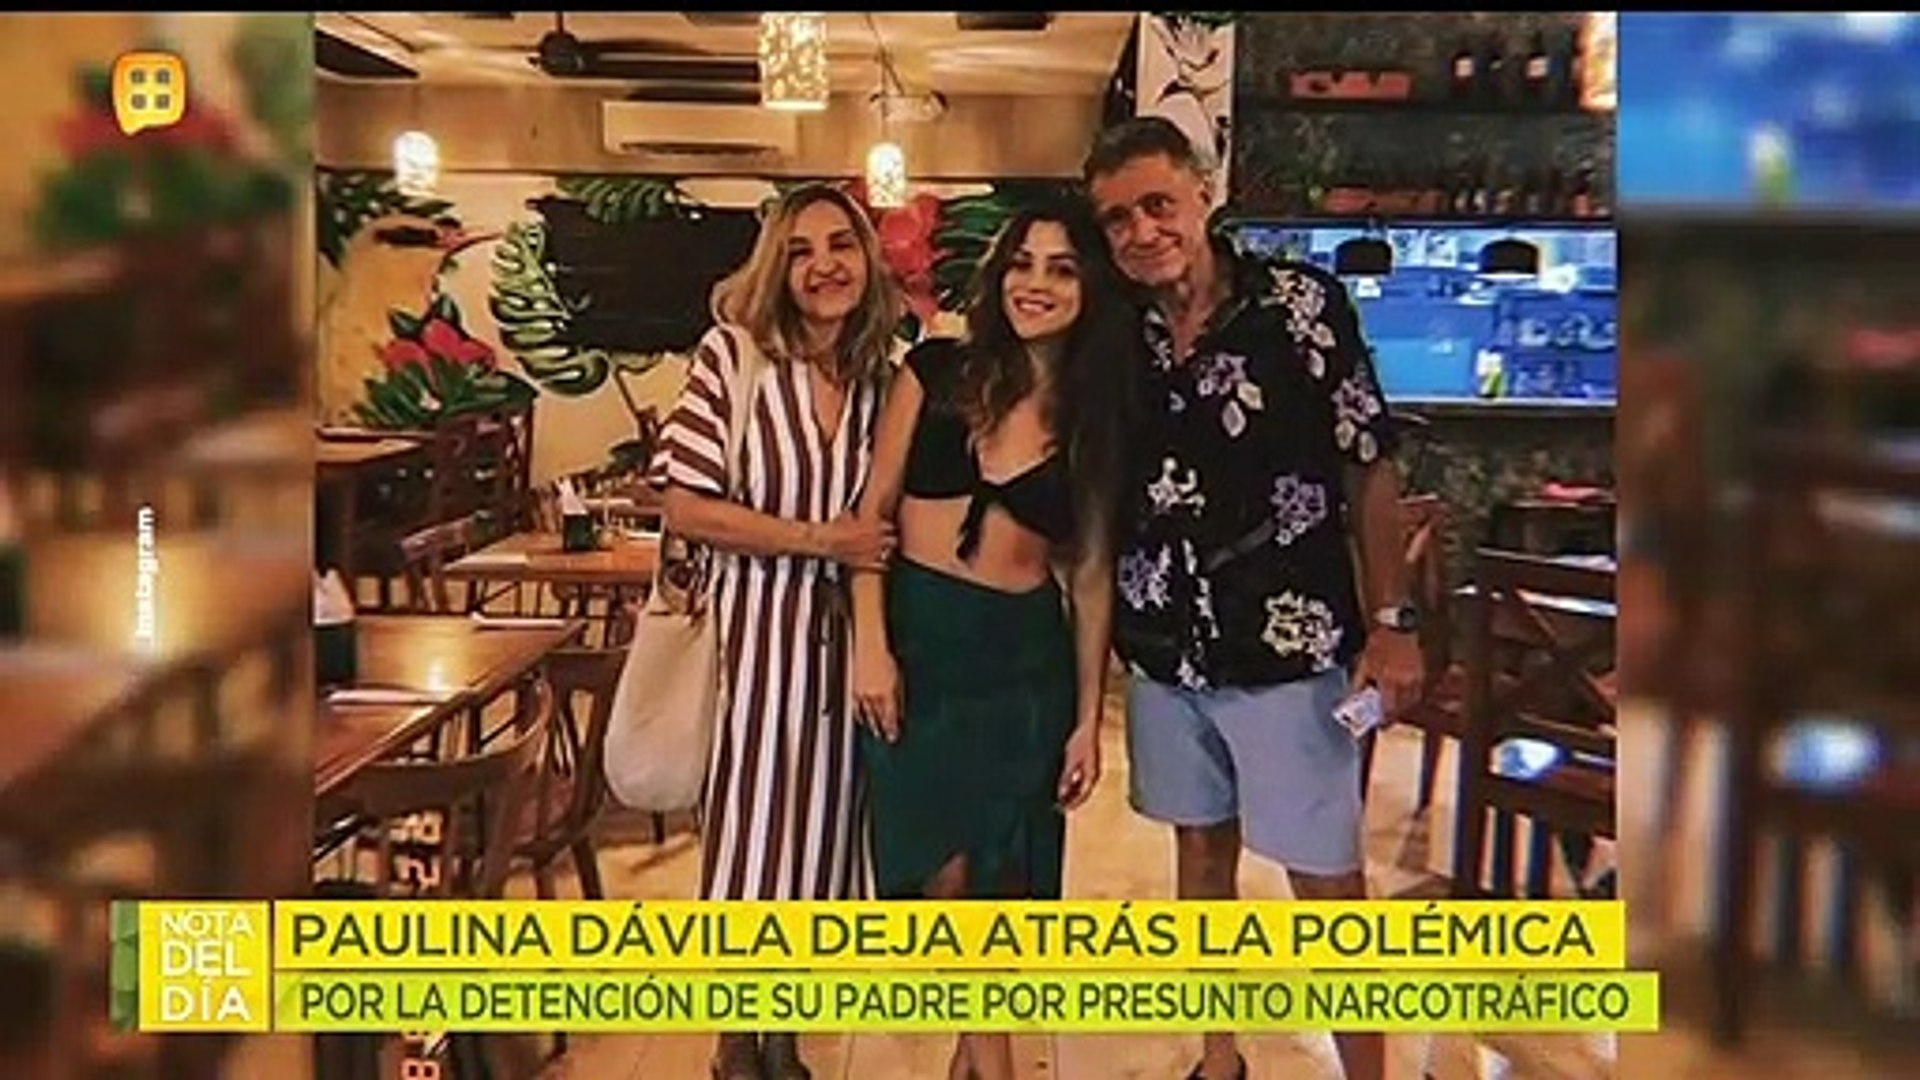 ¡Paulina Dávila se niega a hablar de la detención de su padre por supuesto narcotráfico!|Ventaneando